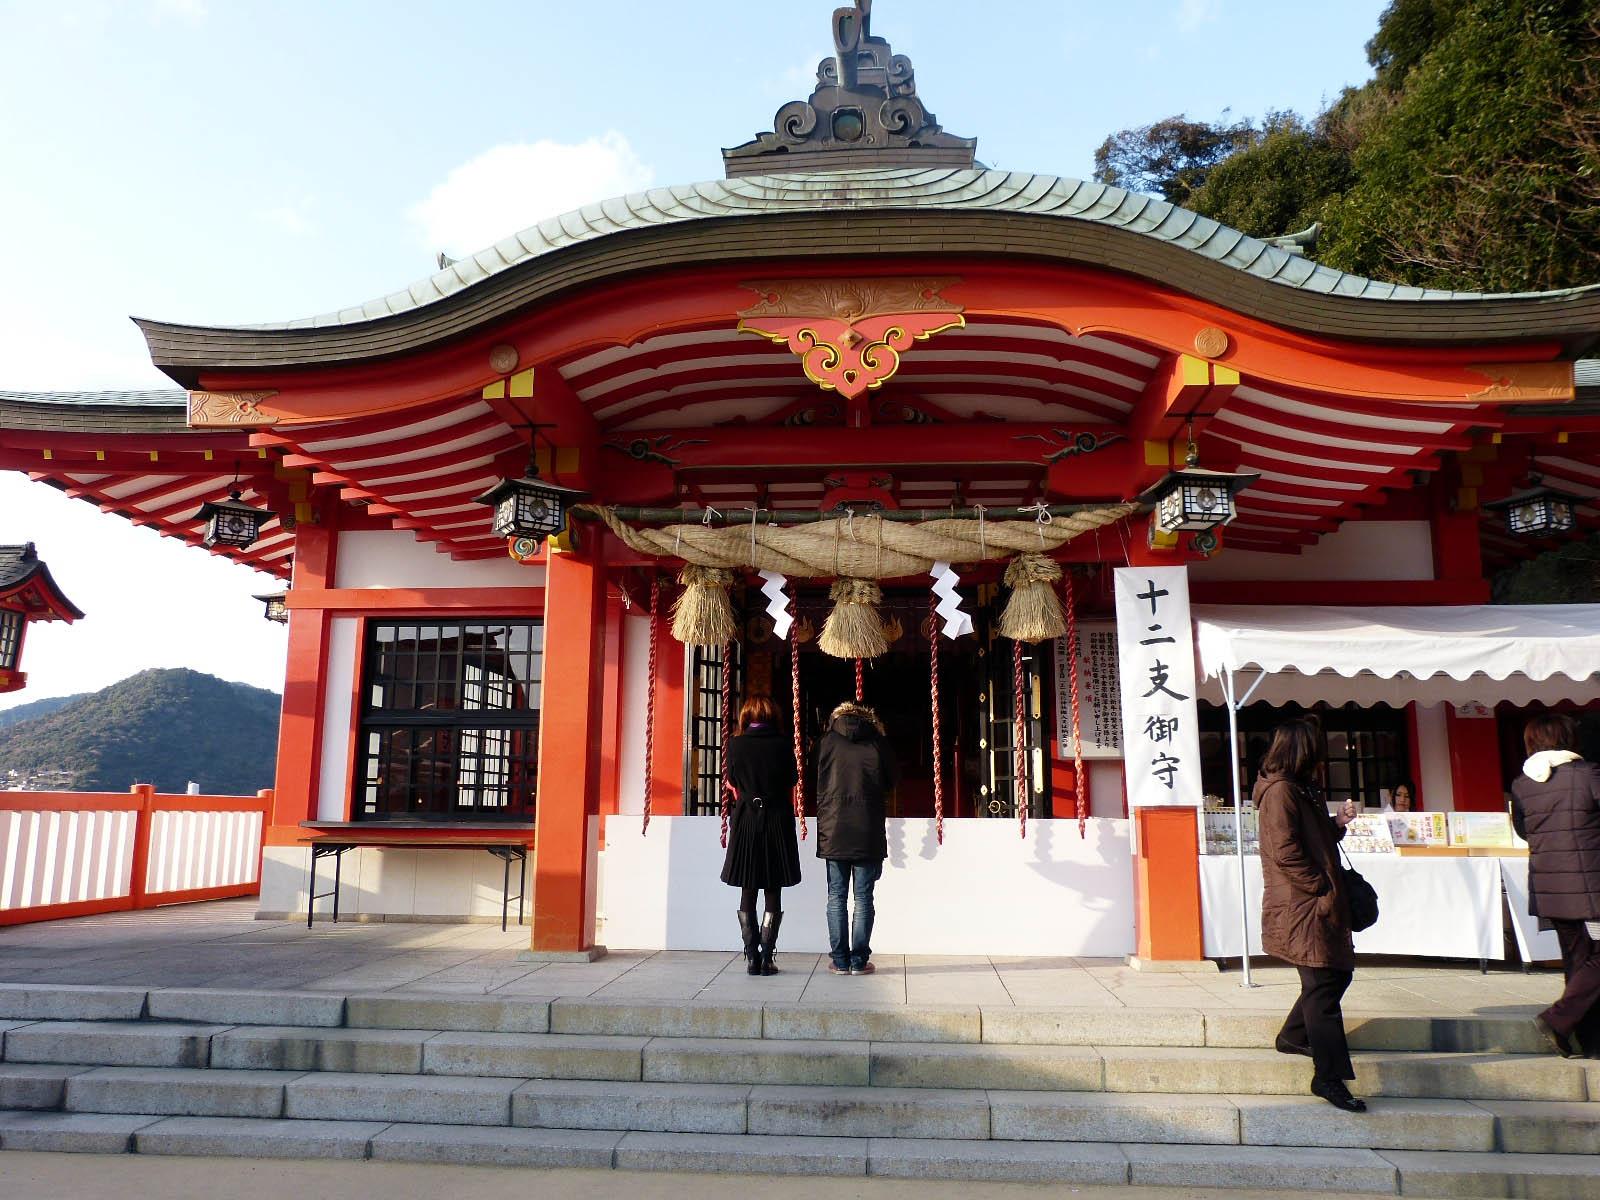 takahashi_inari_jinja_11.jpg